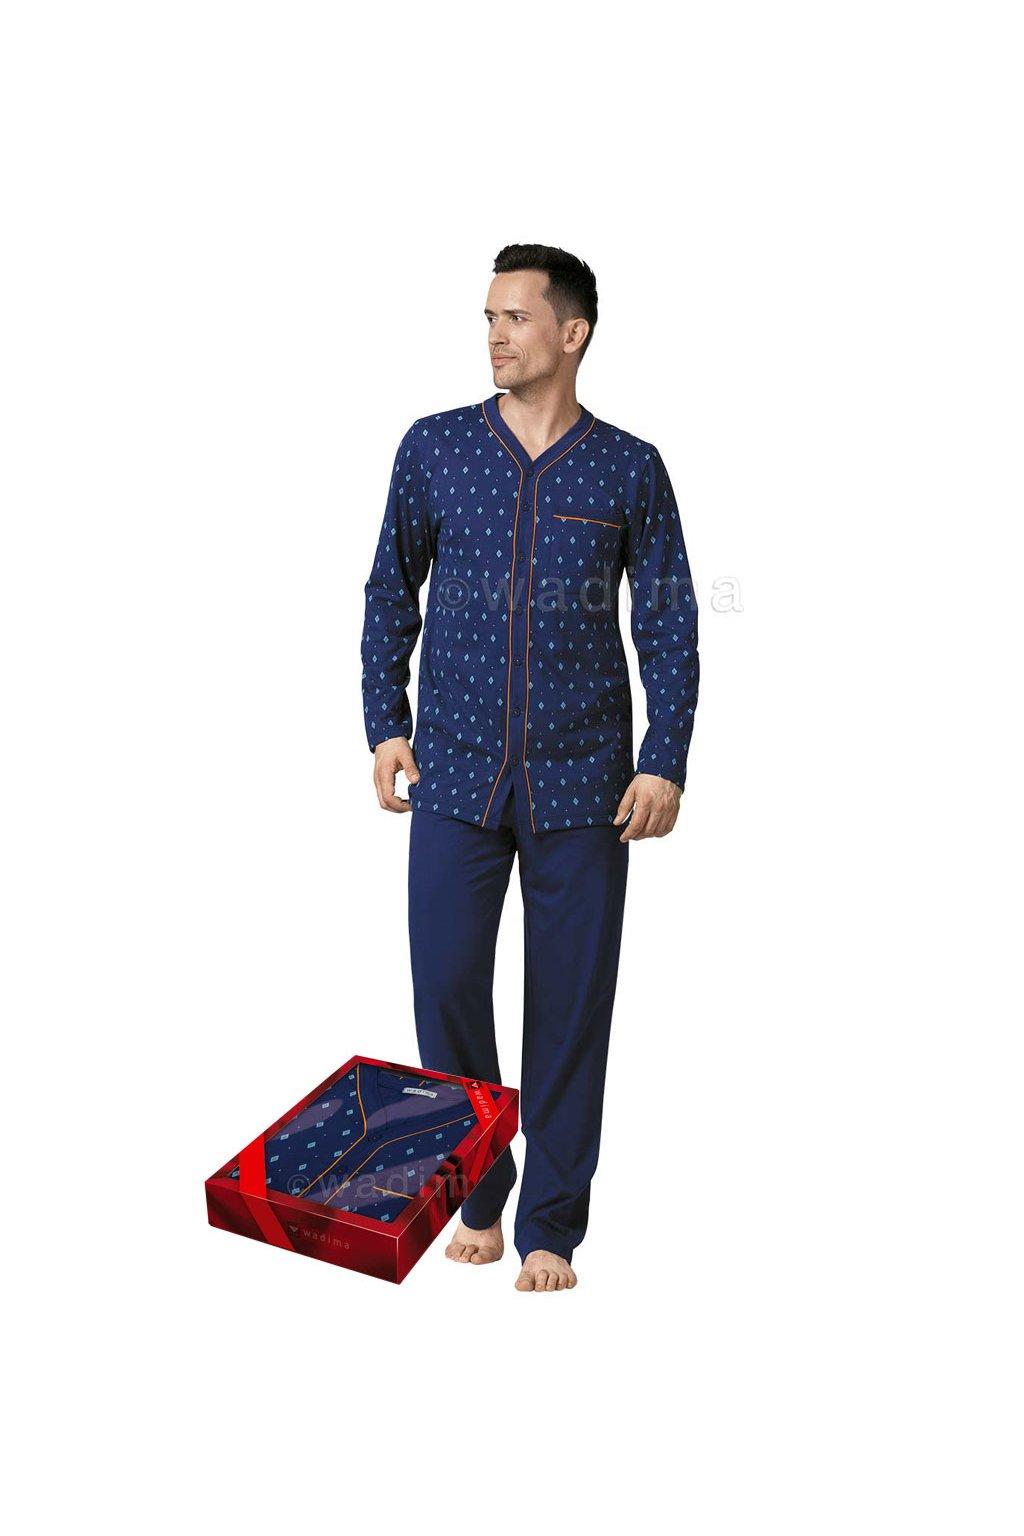 Pánské pyžamo s dlouhým rukávem, 20474 208, modrá